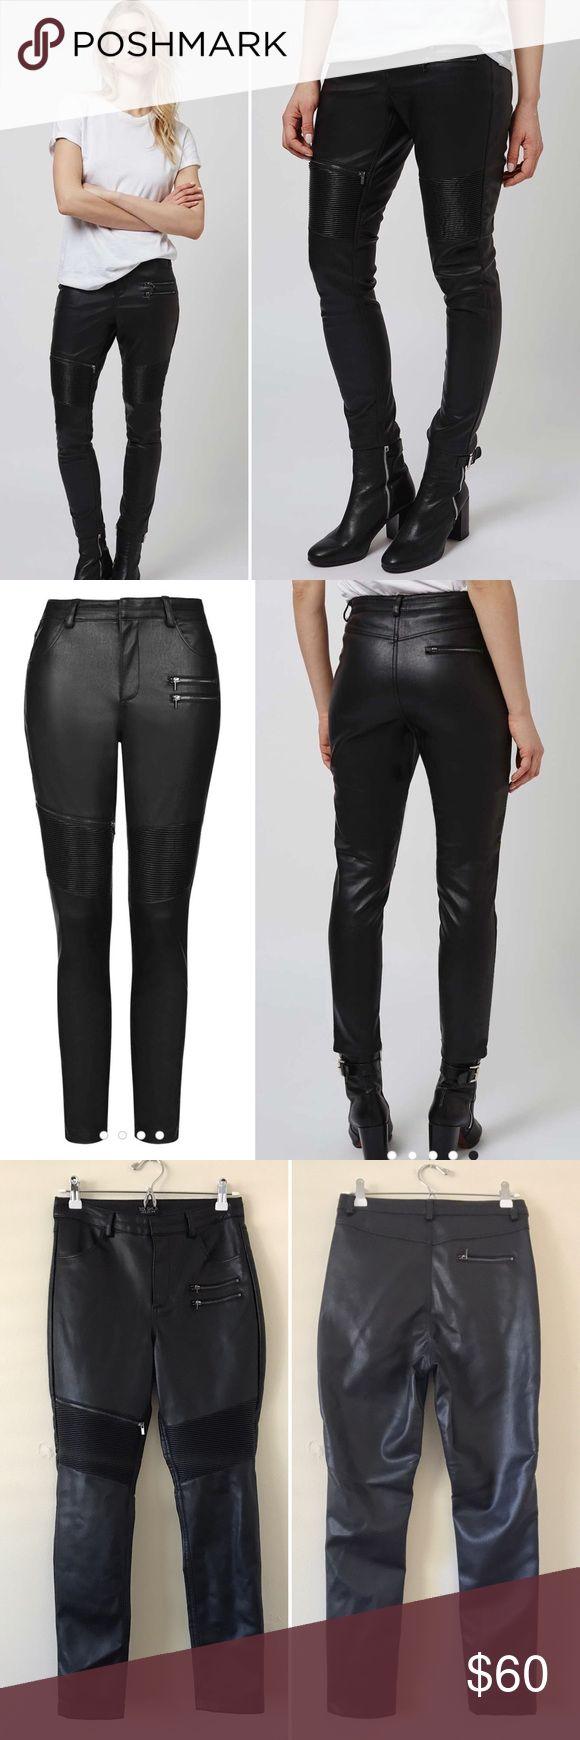 Topshop Moto Faux Leather Pants Sz 6 Topshop, size 6. Black moto faux leather pants. Super edgy, slouchy fit. Topshop Pants Skinny